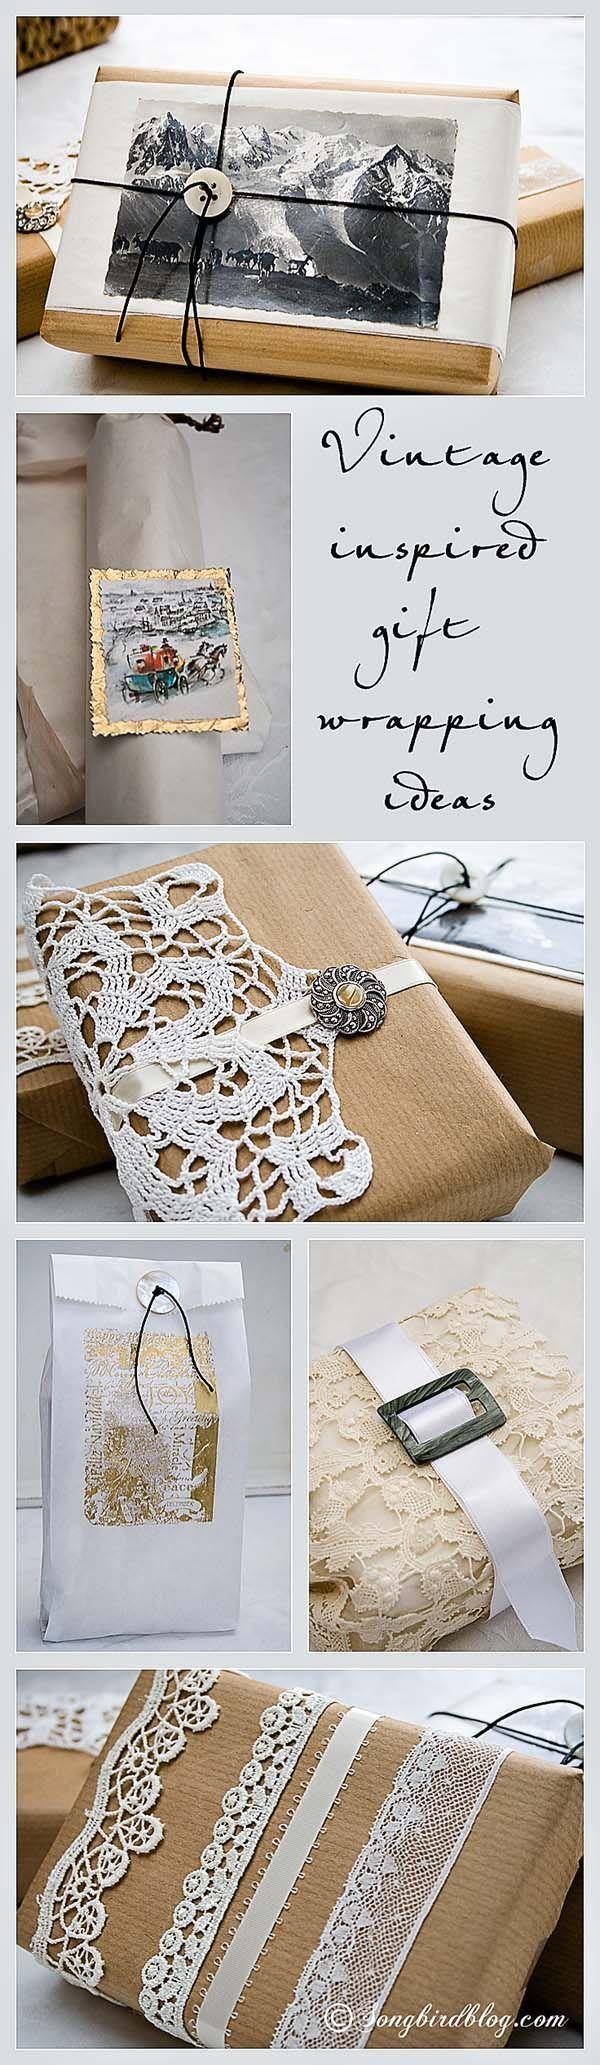 6复古风格圣诞礼品包装的想法。这些礼品包装的想法使您自己包装圣诞礼物。他们很容易!